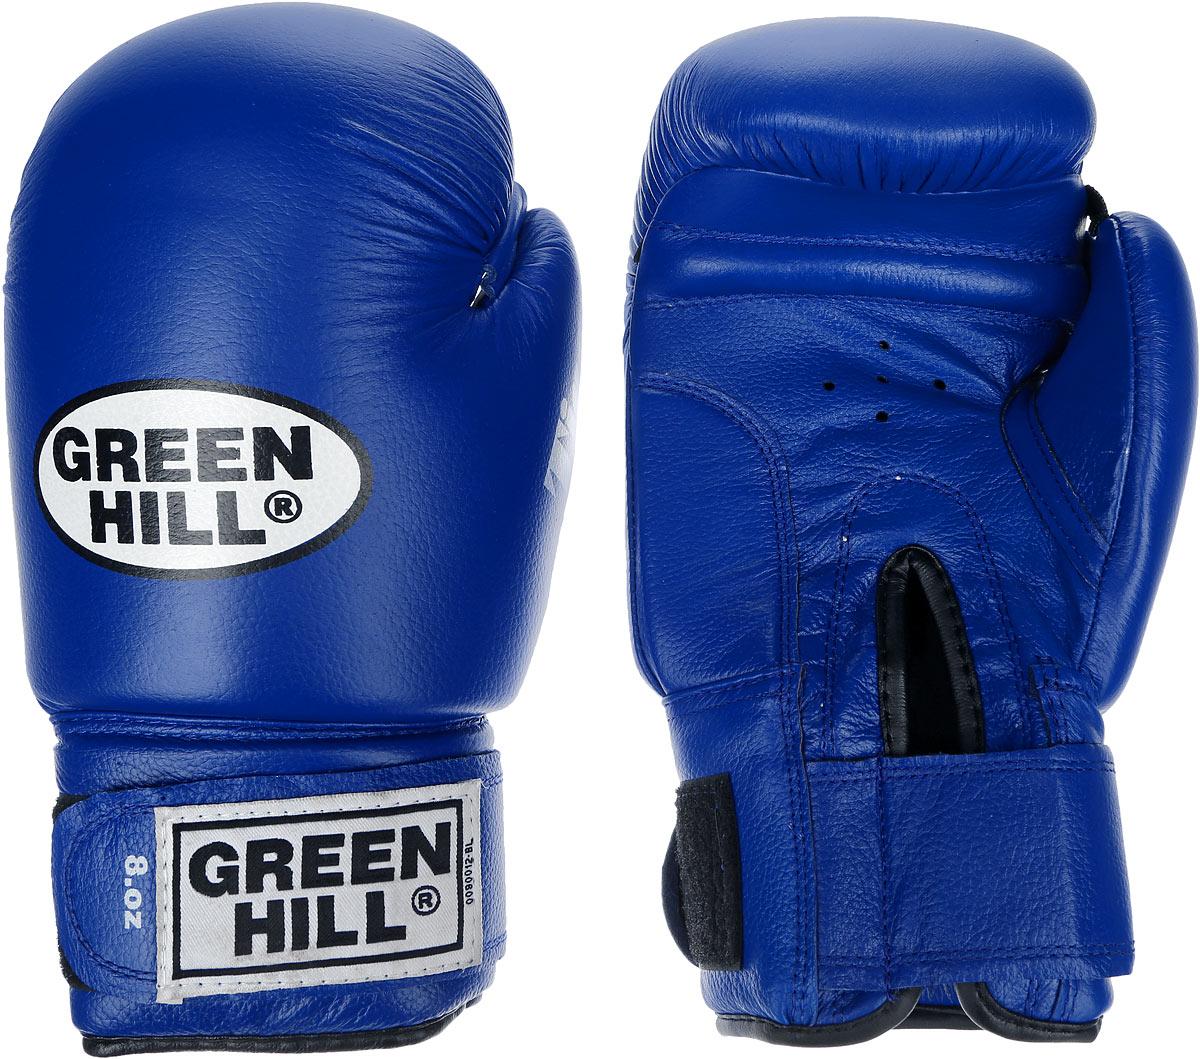 Перчатки боксерские Green Hill Tiger, цвет: синий, белый. Вес 8 унций. BGT-2010сBGT-2010сБоевые боксерские перчатки Green Hill Tiger применяются как для соревнований, так и для тренировок. Верх выполнен из натуральной кожи, вкладыш - предварительно сформированный пенополиуретан. Манжет на липучке способствует быстрому и удобному надеванию перчаток, плотно фиксирует перчатки на руке. Отверстия в области ладони позволяют создать максимально комфортный терморежим во время занятий. В перчатках применяется технология антинокаут.